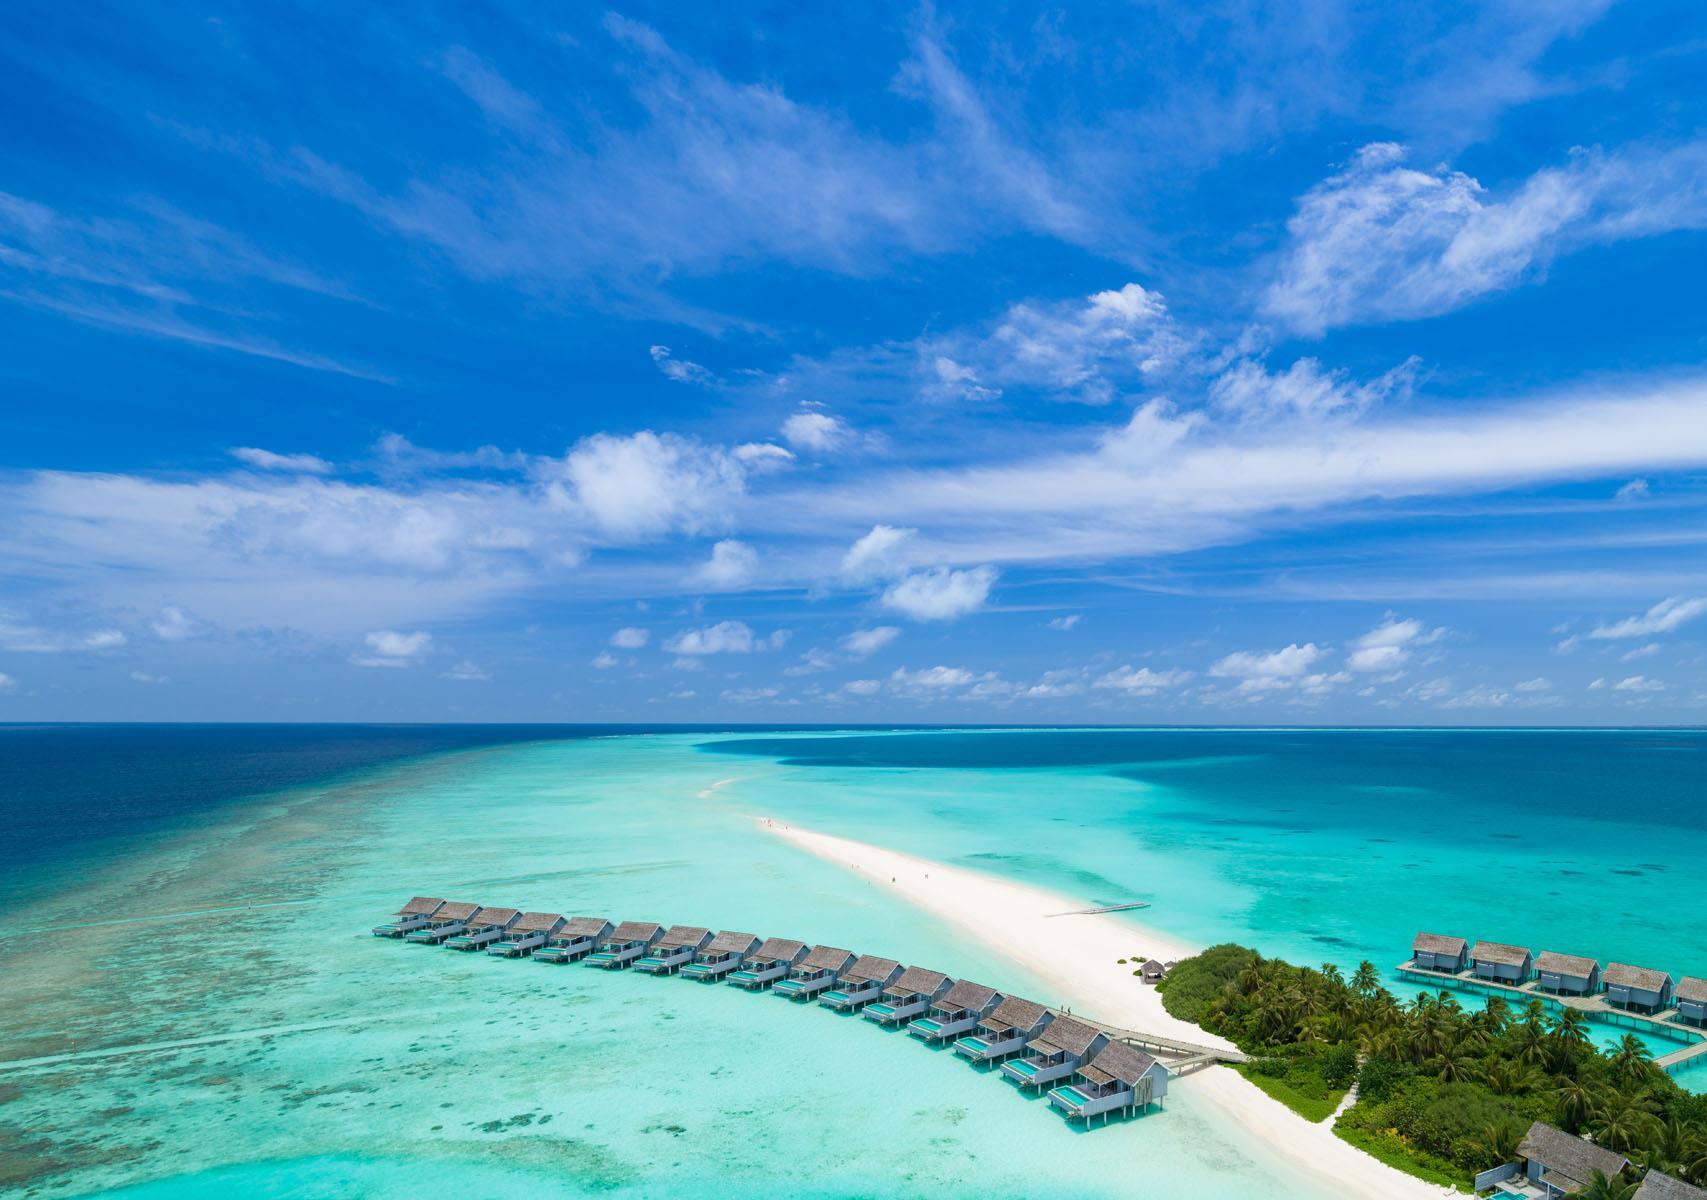 Курортное порно видео с берегов мальдивских островов